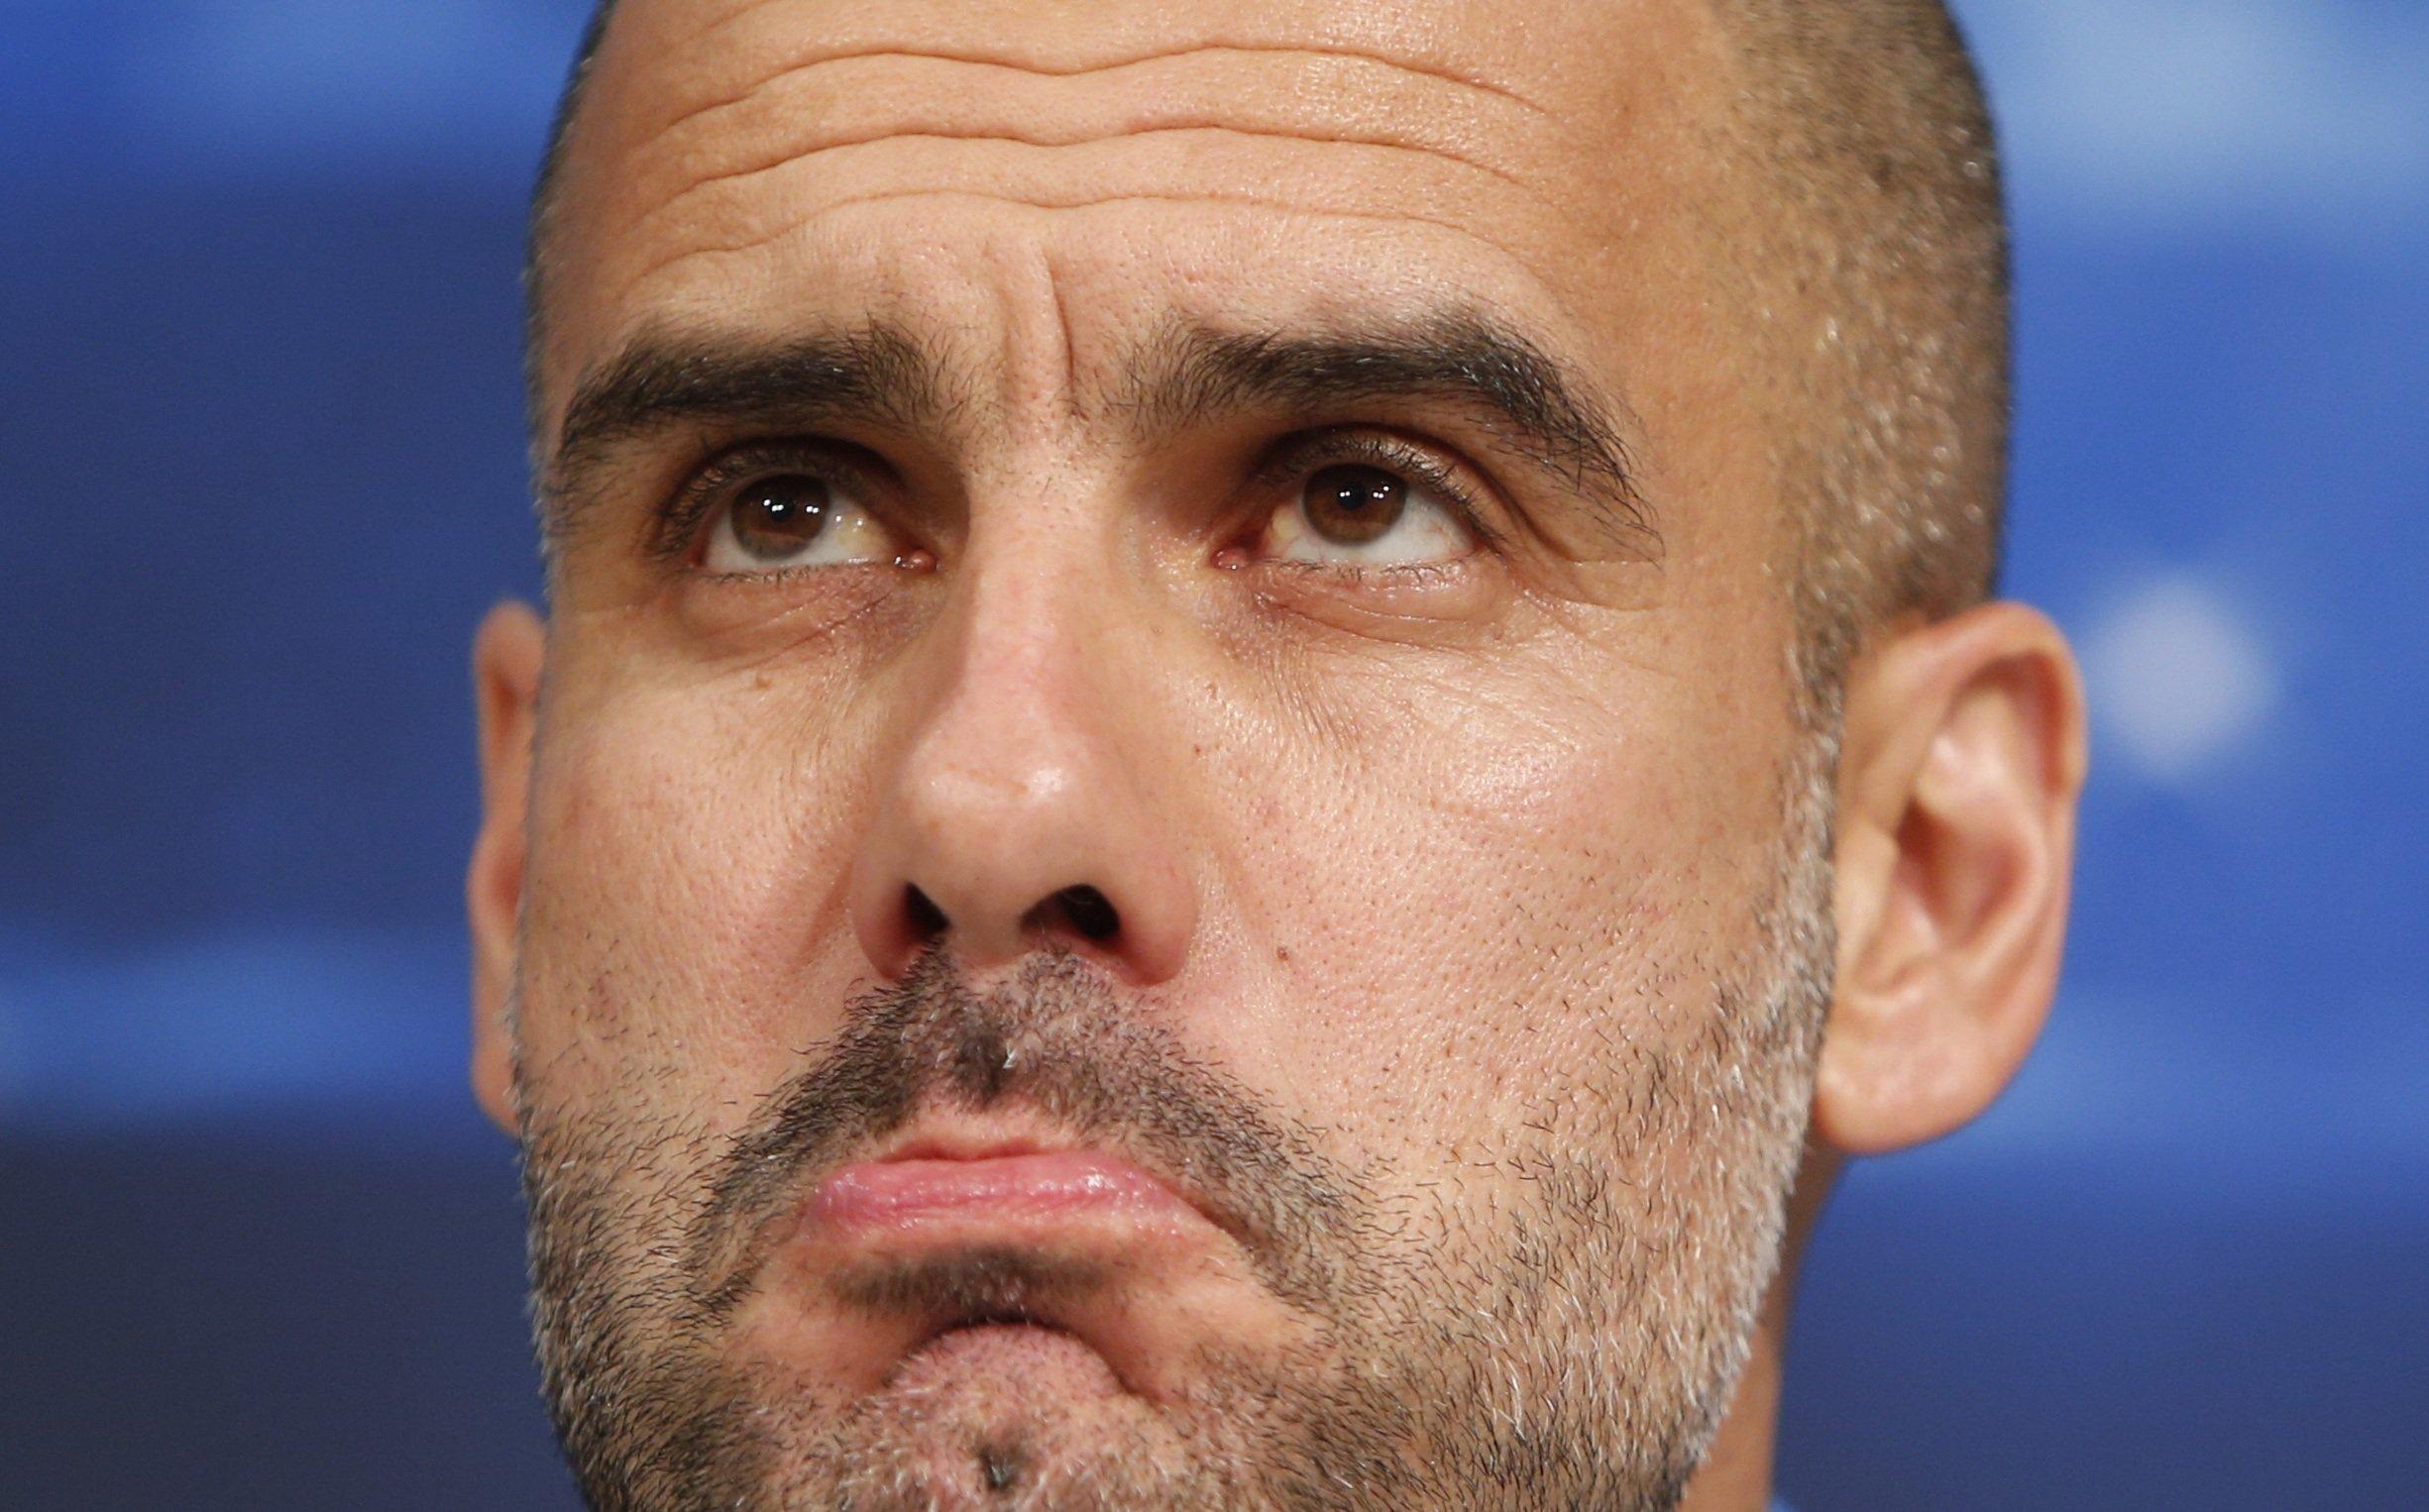 Bayern Munich head coach Guardiola addresses a news conference in Munich